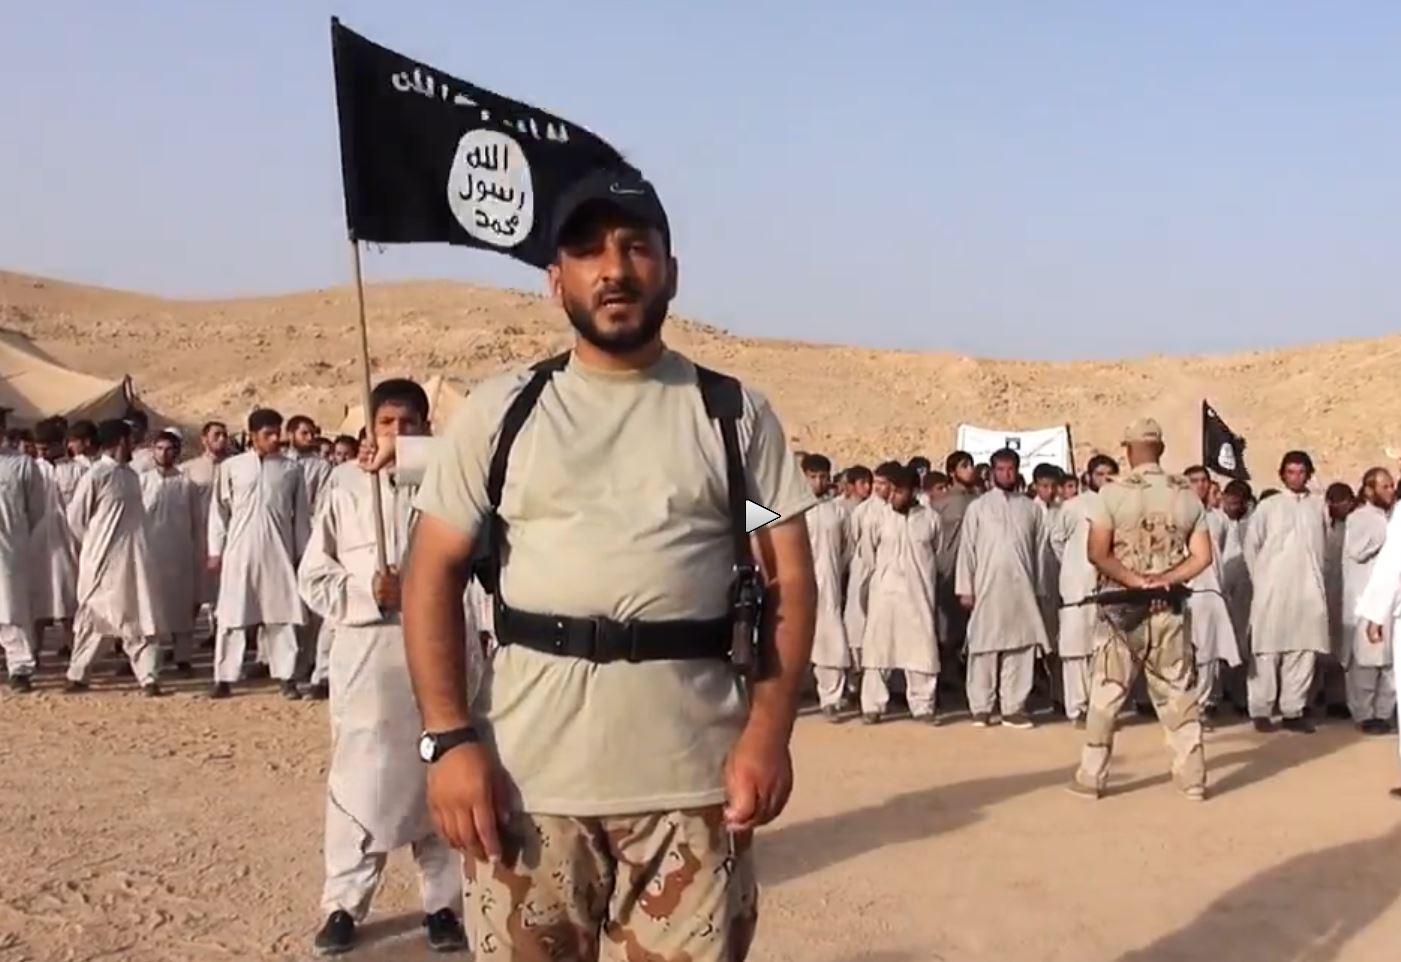 L'istruttore e le reclute dell'ISIS (fonte: liveleak.com)